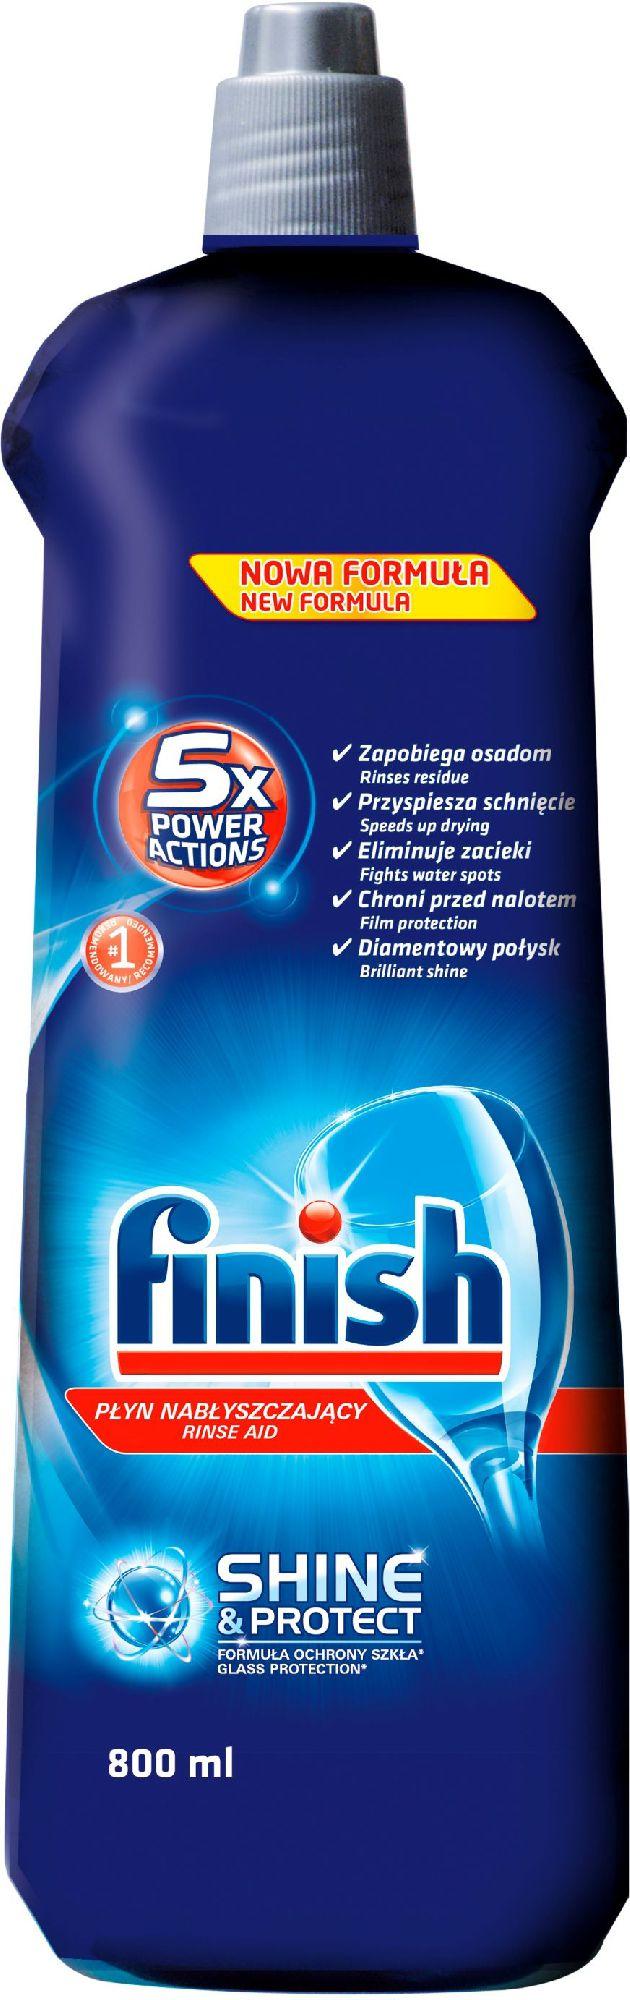 Finish Plyn nablyszczajacy 800ml (86609435) 86609435 tīrīšanas līdzeklis